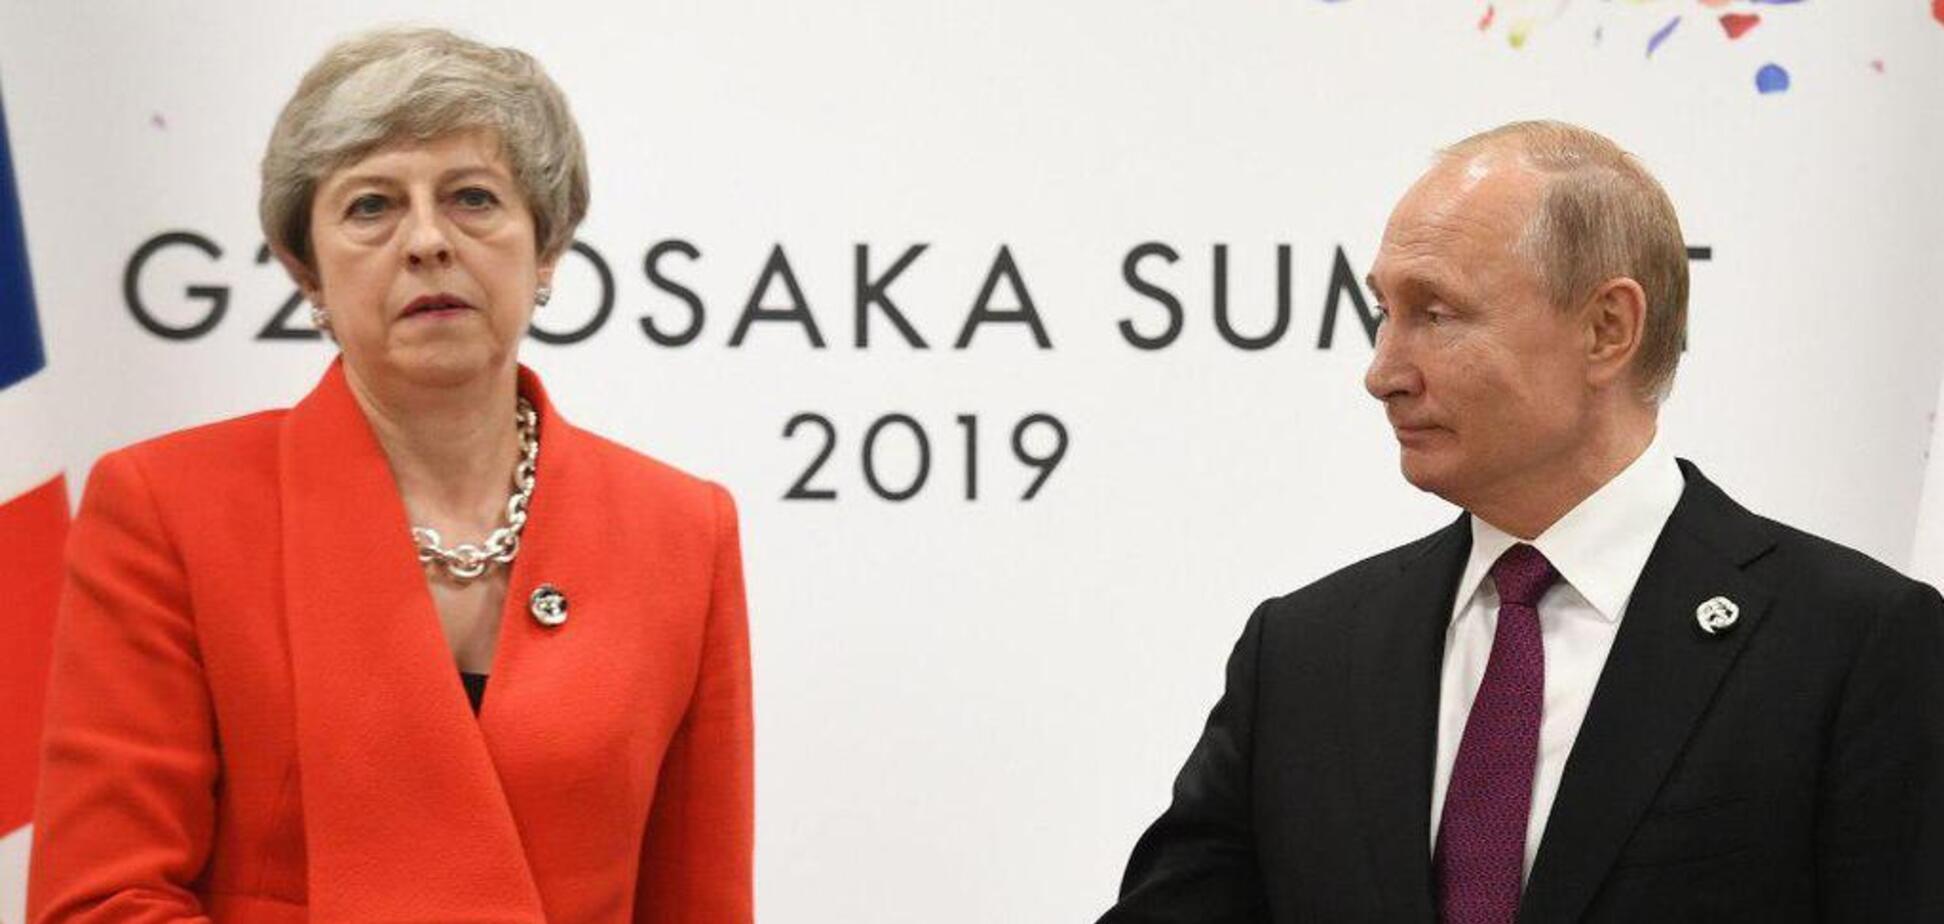 Саміт G20: Мей раптово звернулася до Путіна через Україну